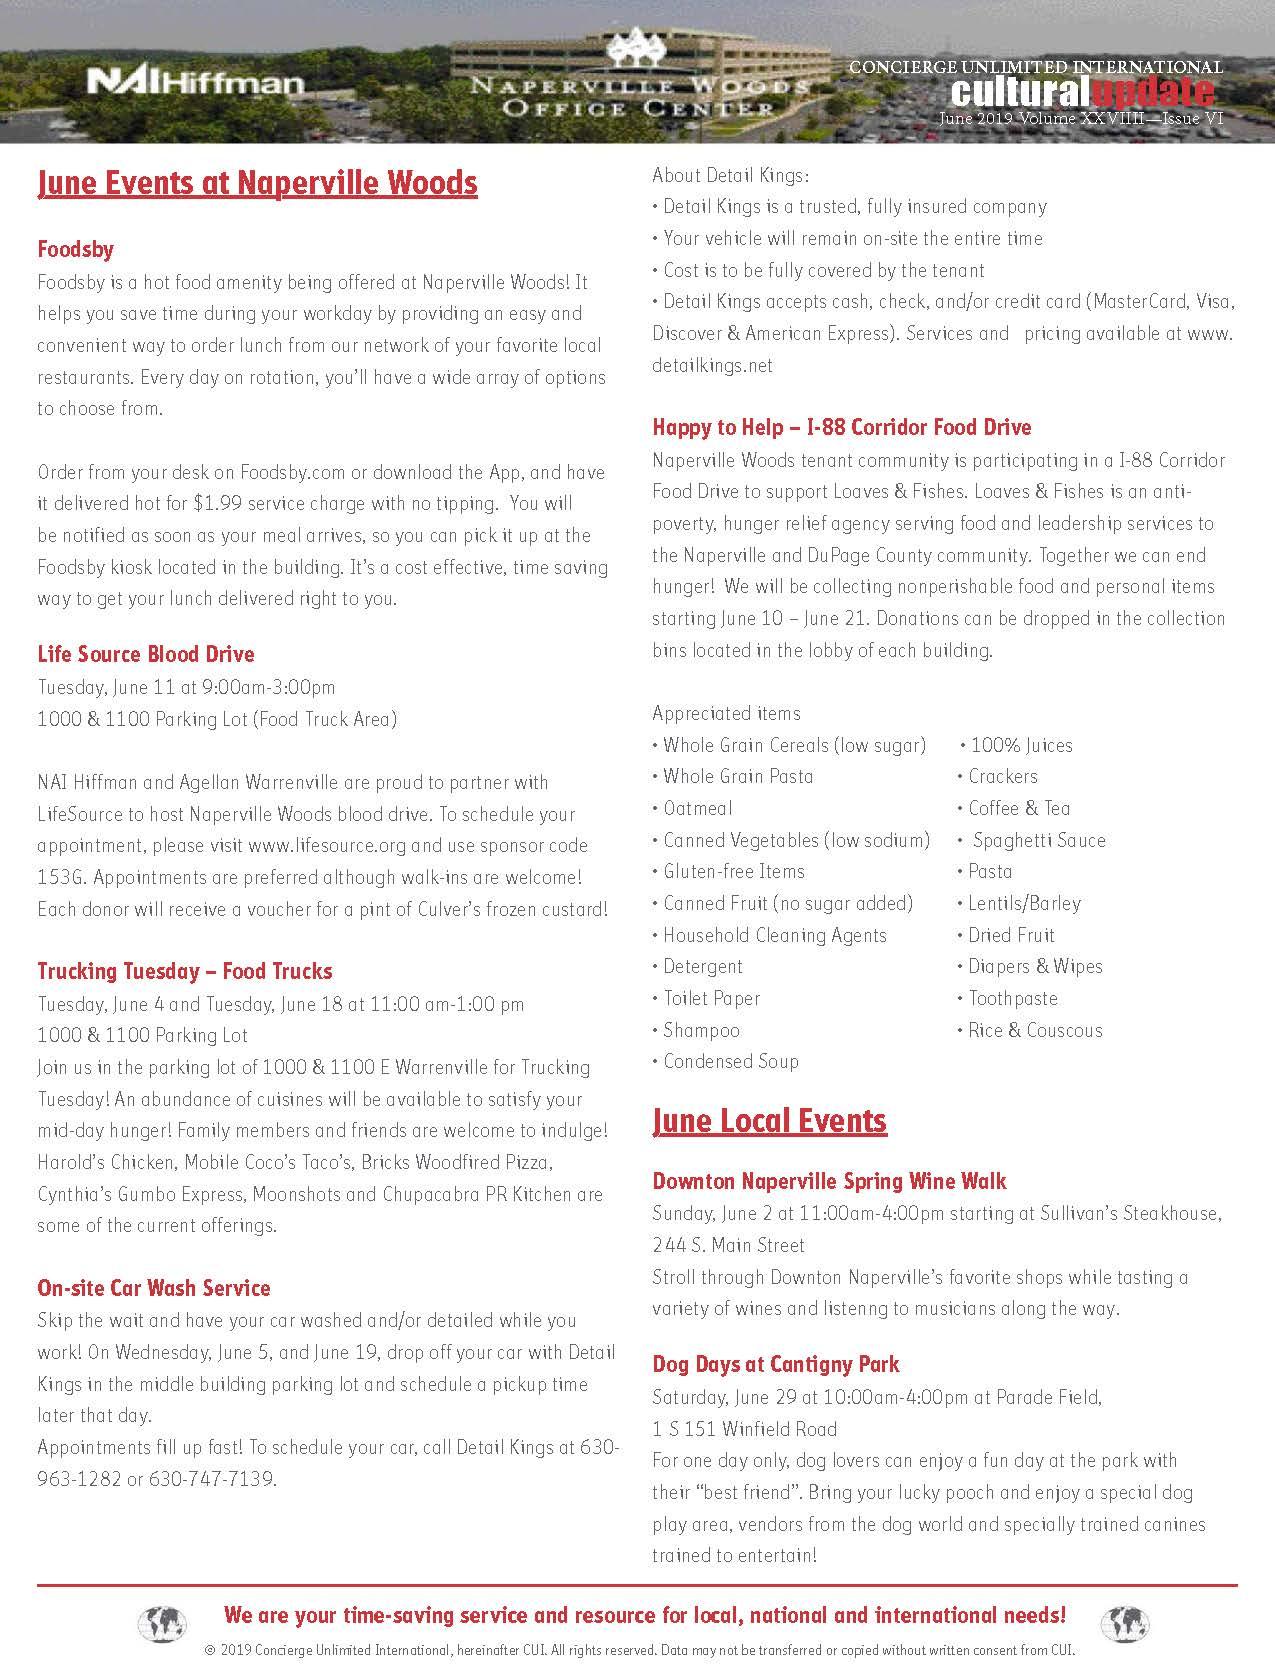 NWOC_June2019_CulturalUpdate_Page_1.jpg